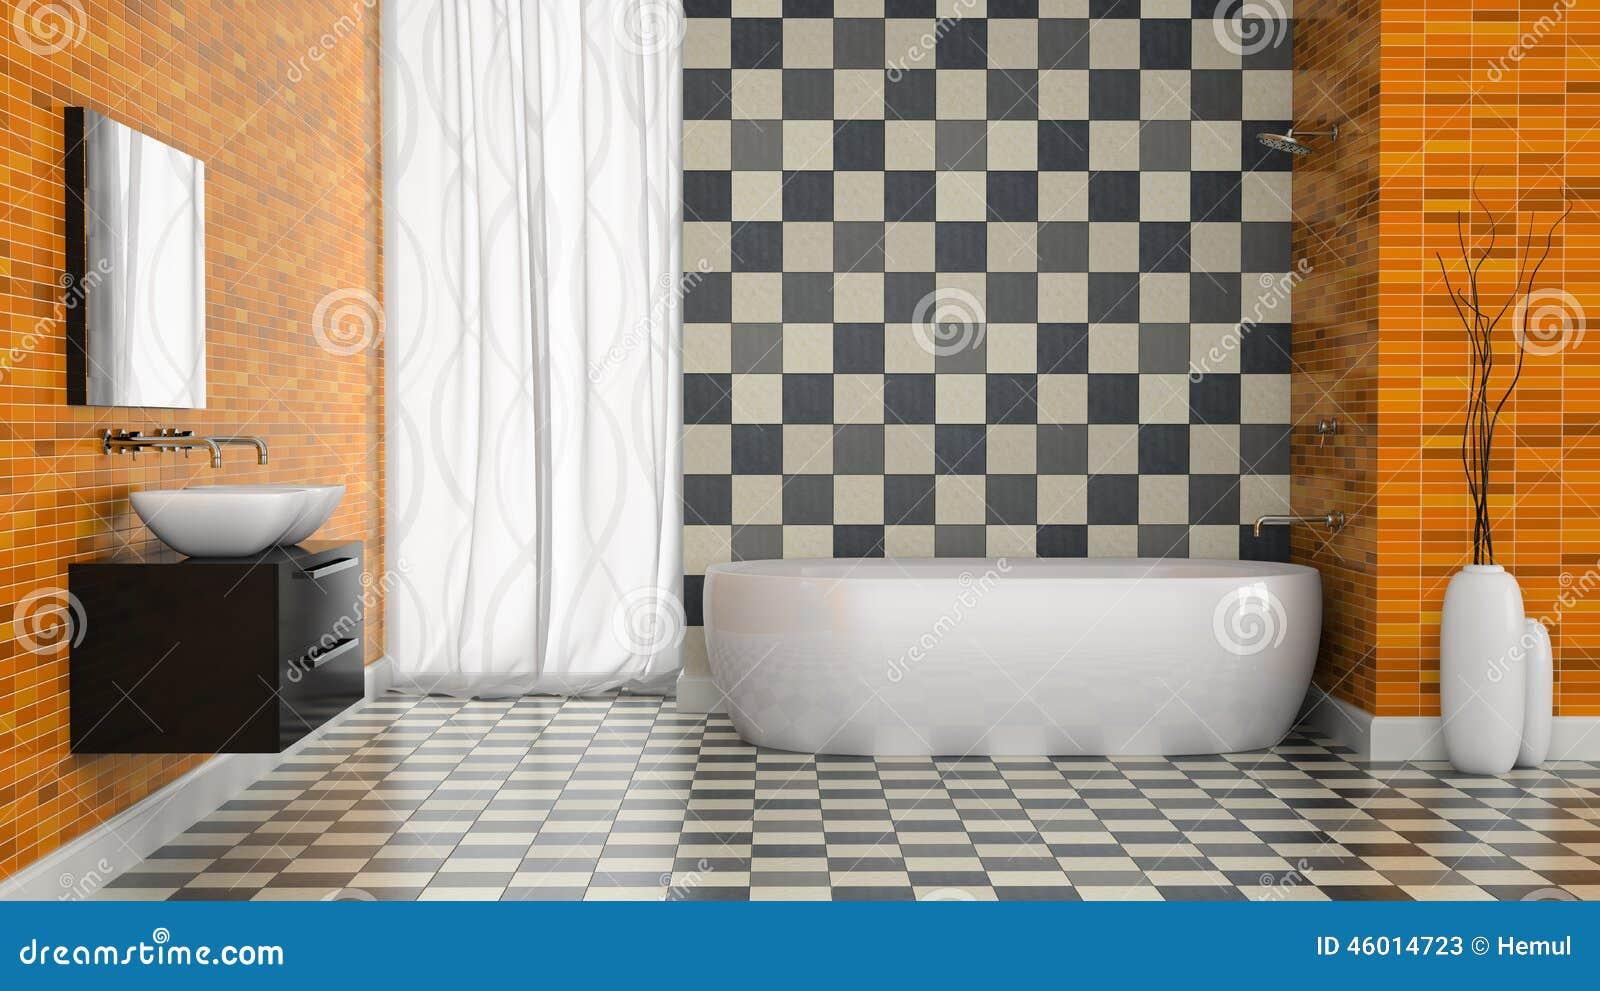 Angolari per piastrelle bagno for Piastrelle bagno bianche e nere